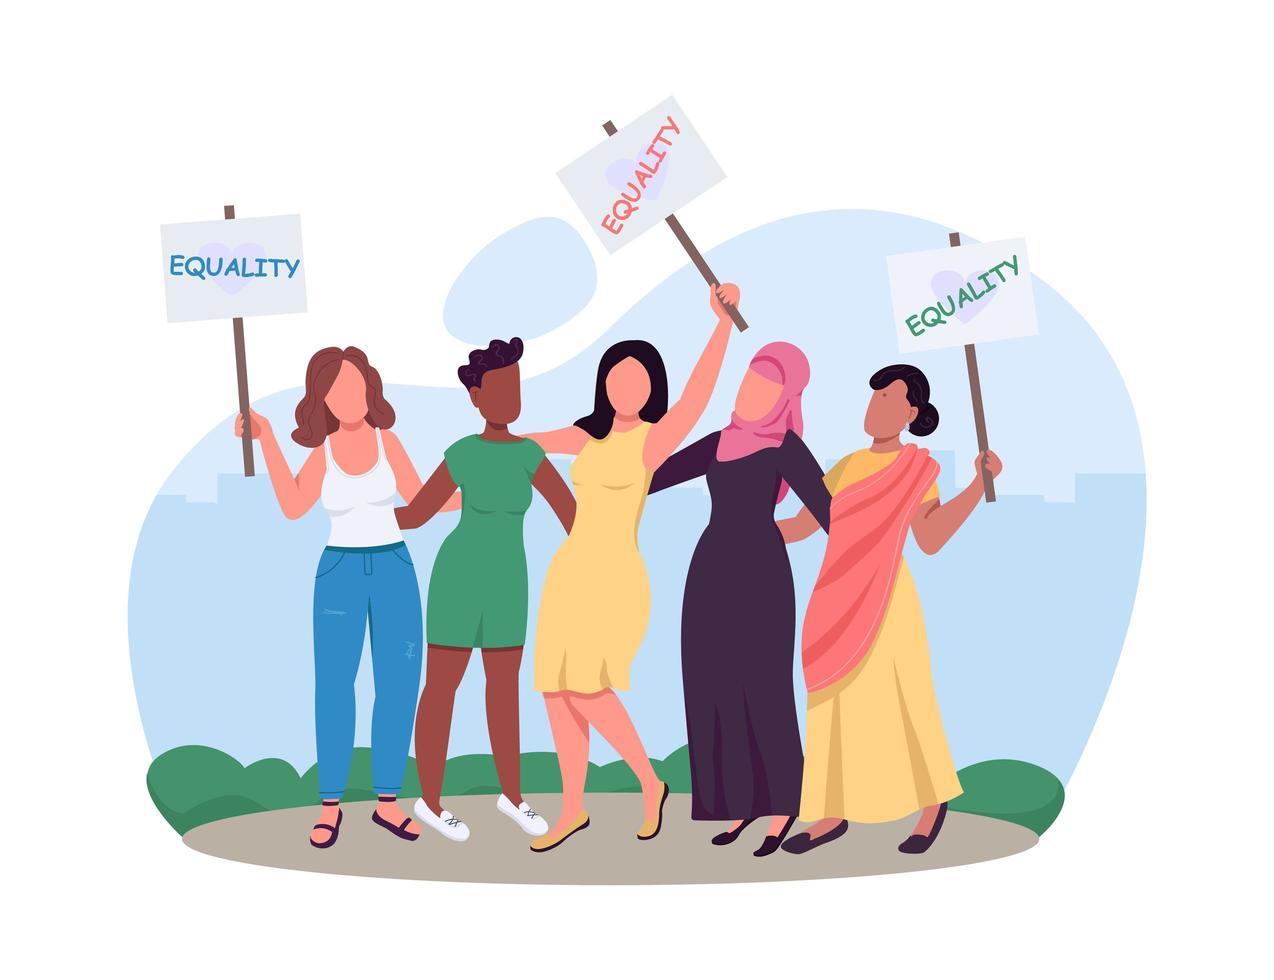 groupe d'autonomisation des femmes vecteur